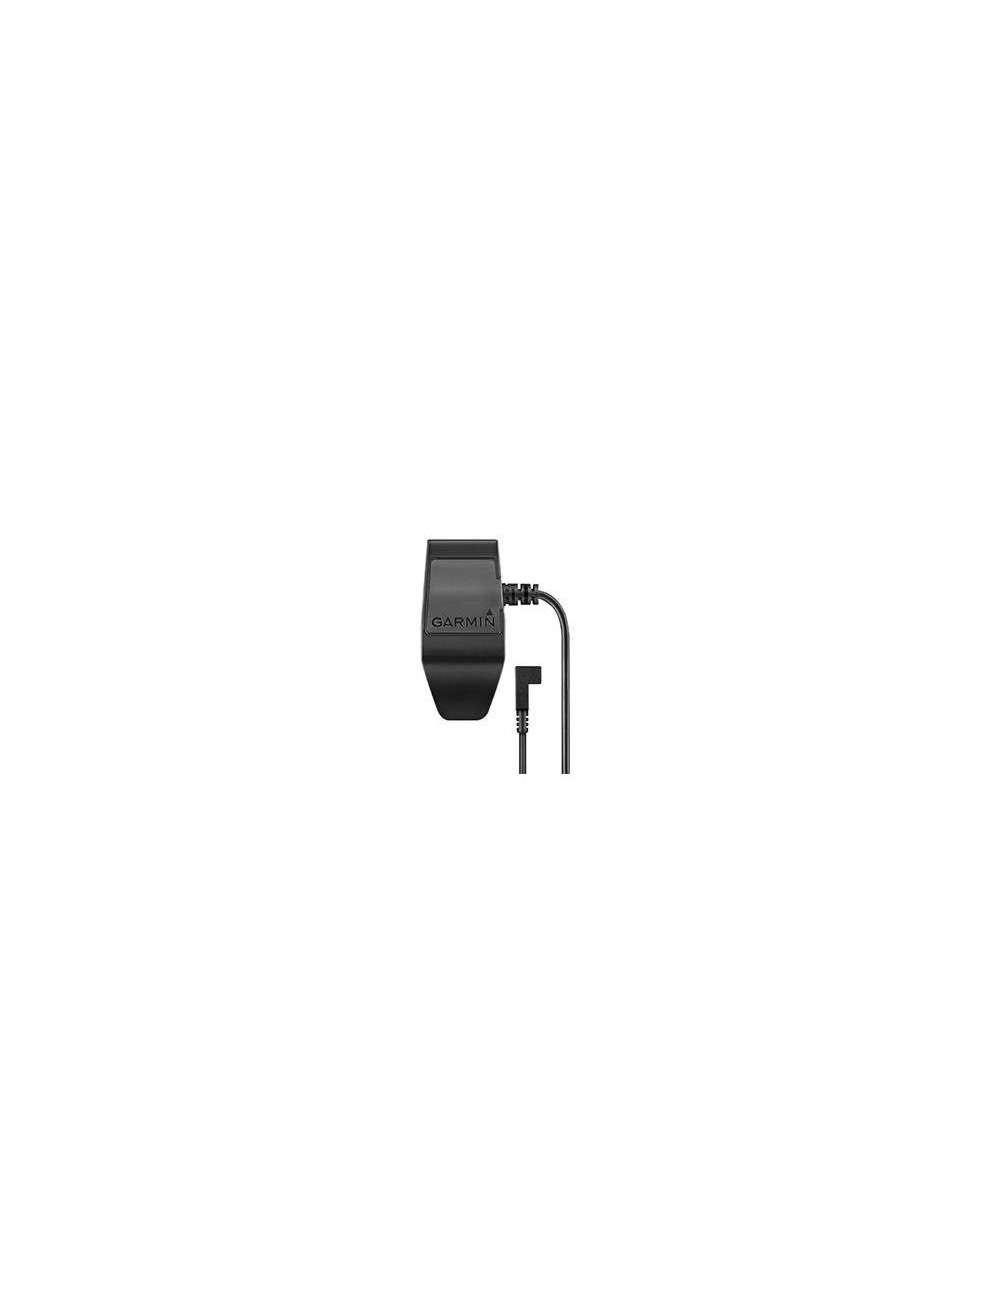 clip chargement TT15 et T5